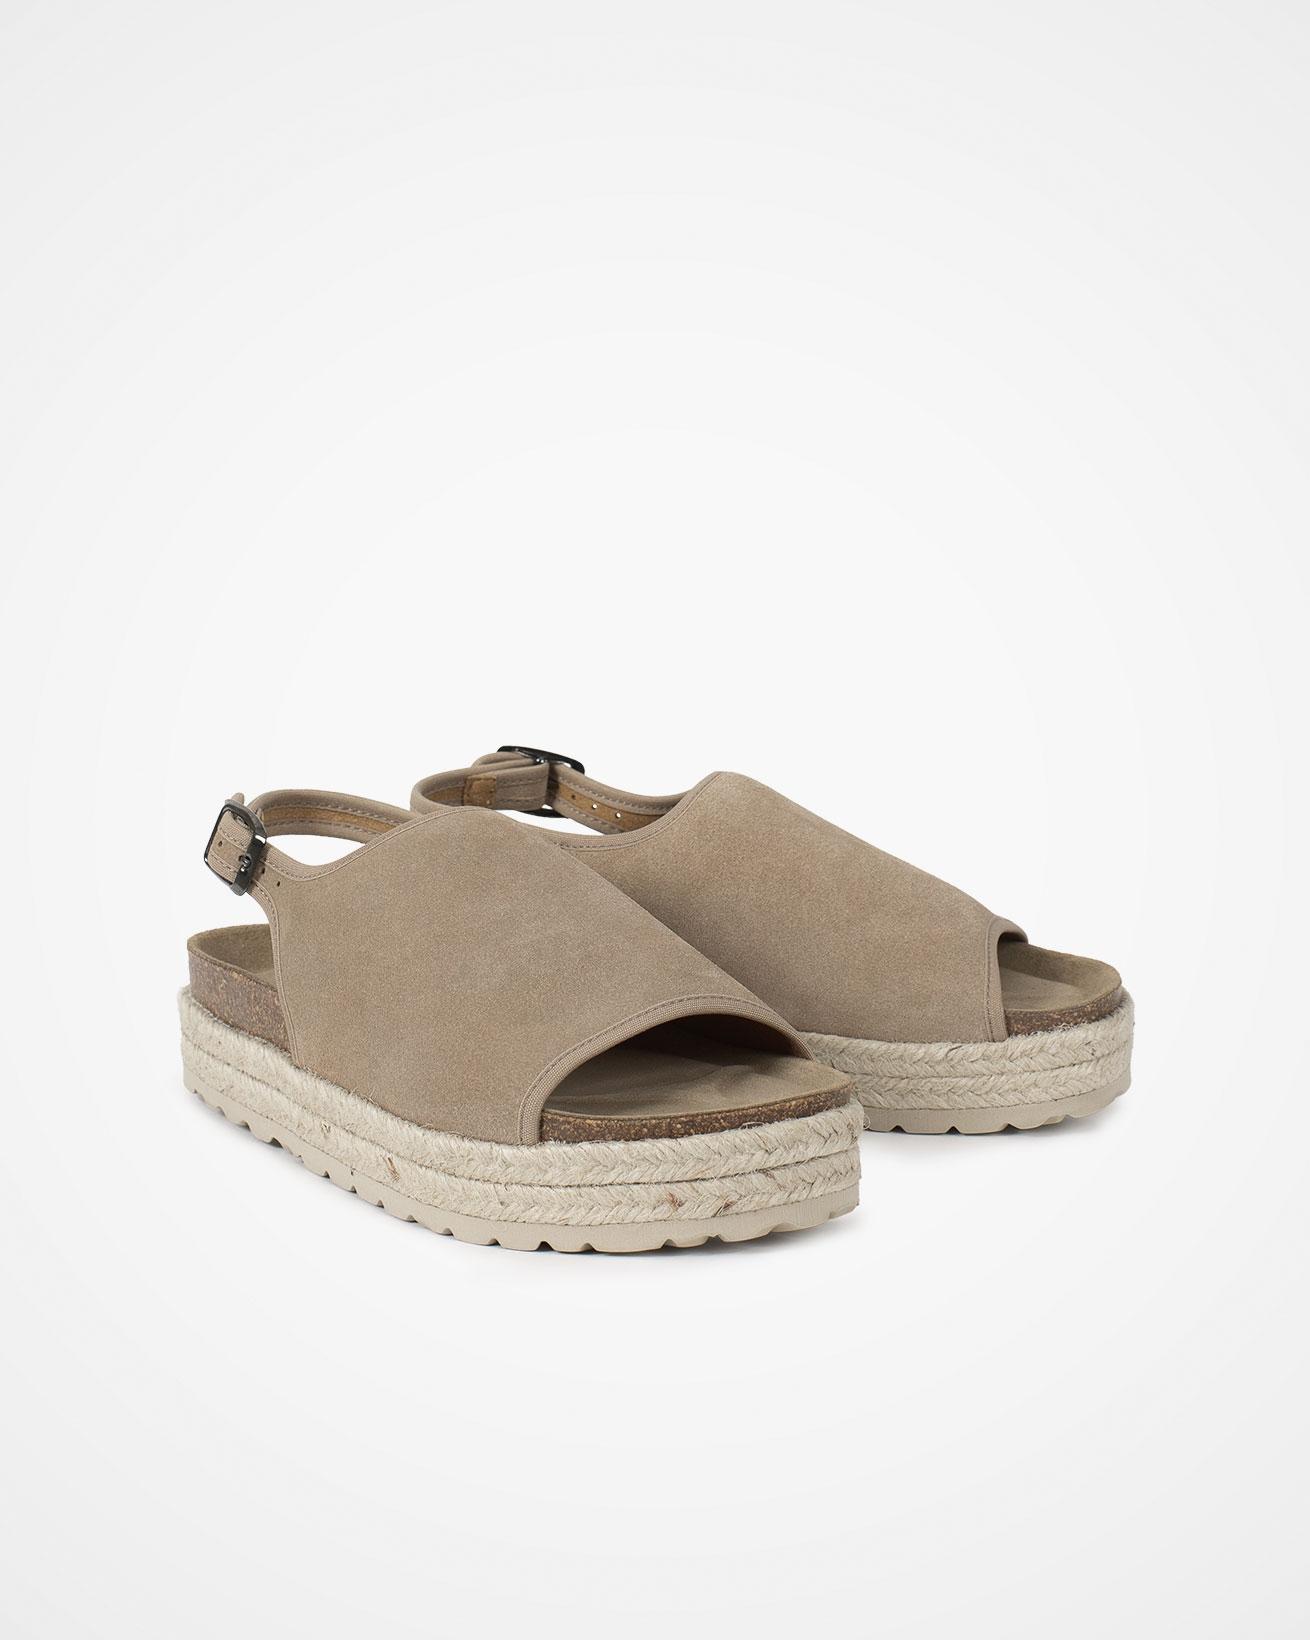 7787_sling-back-flatform-sandals_camel_pair.jpg